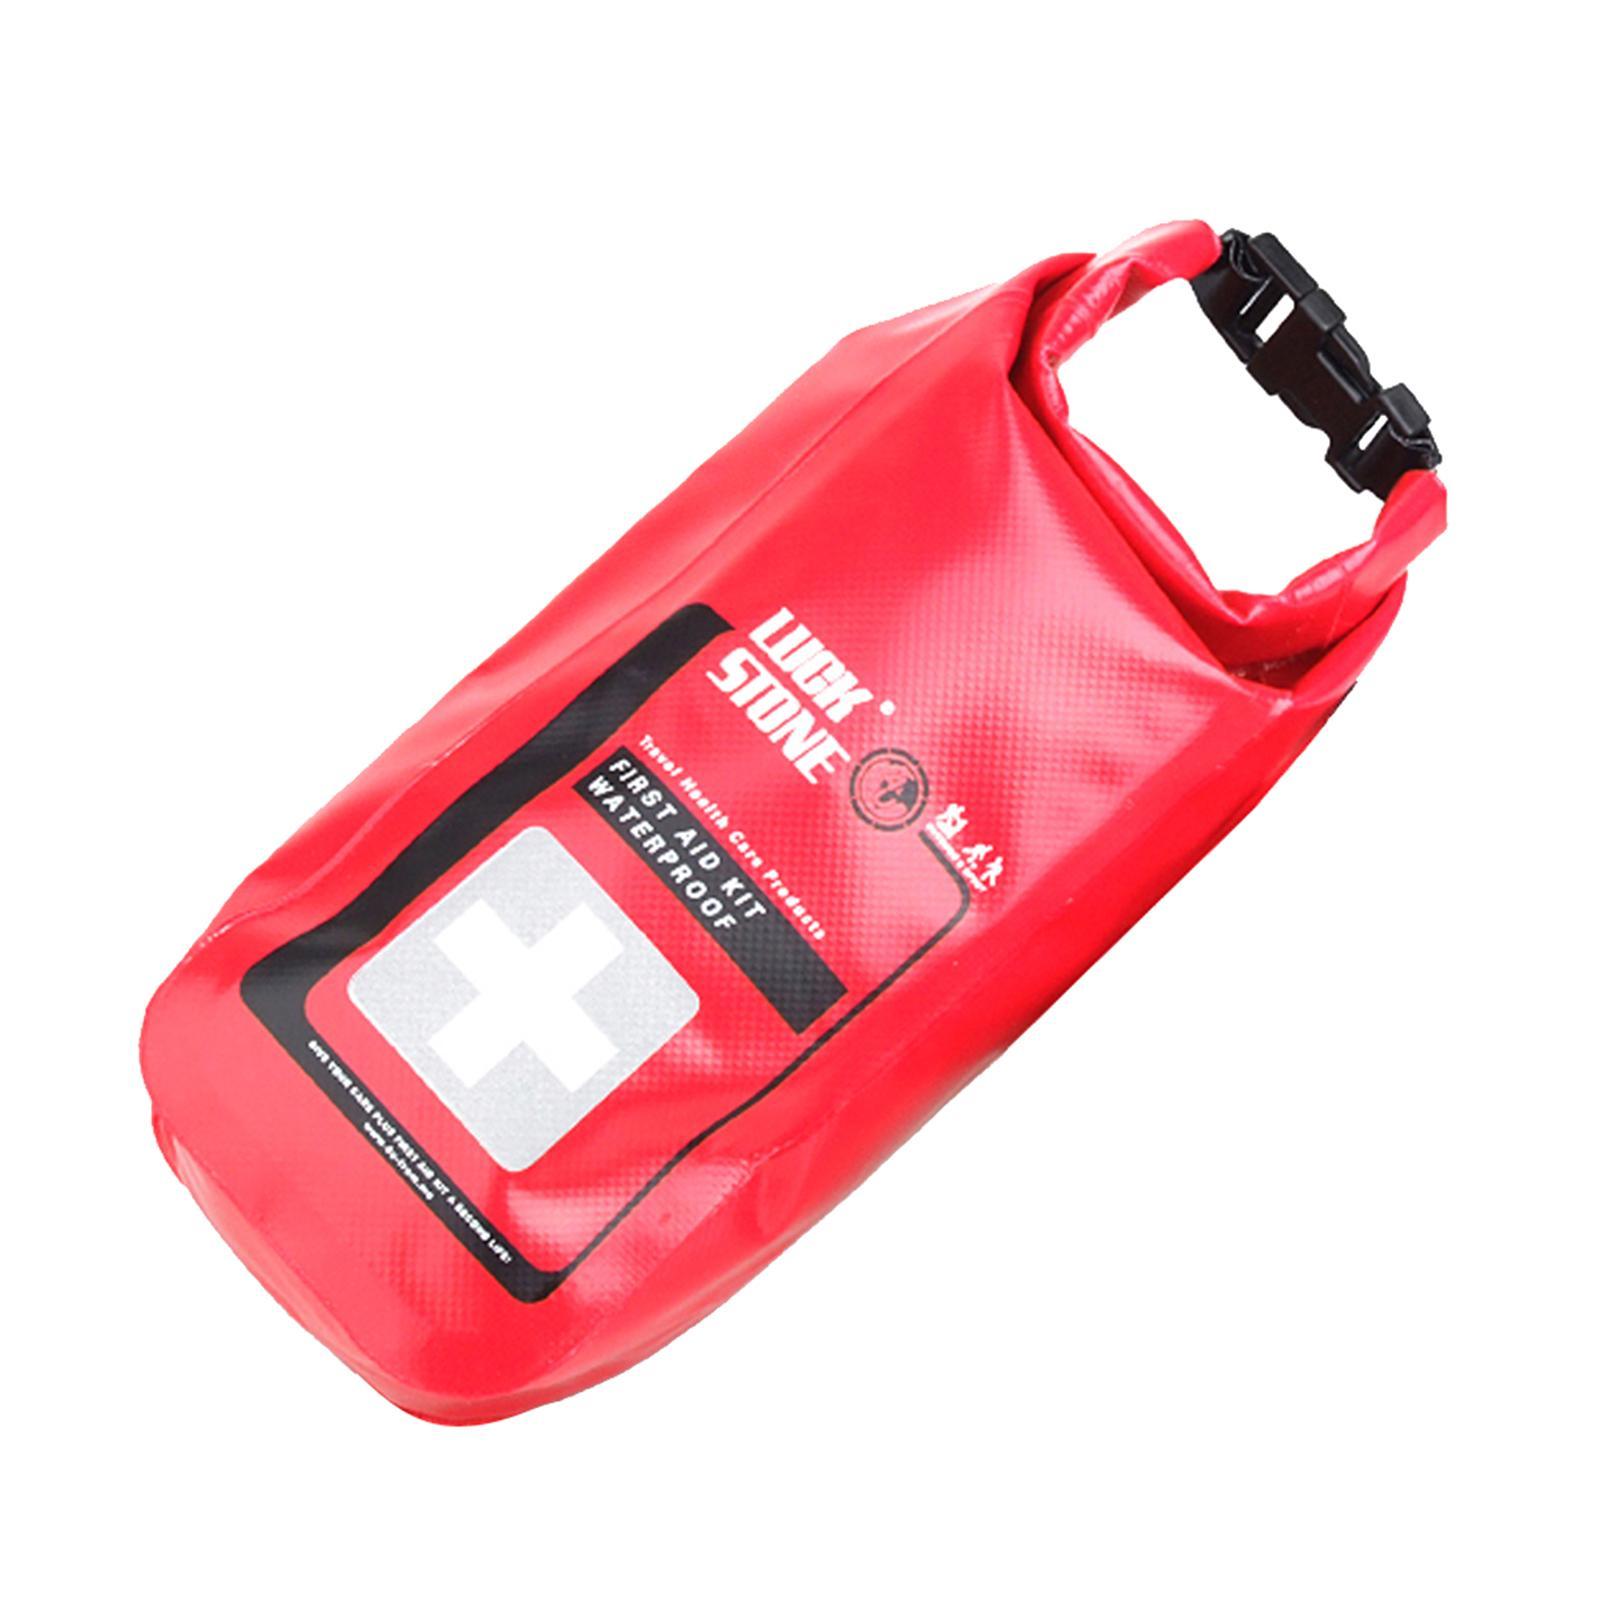 Empty Waterproof Emergency First Aid Kit Dry Bag Rafting Camping Kayaking